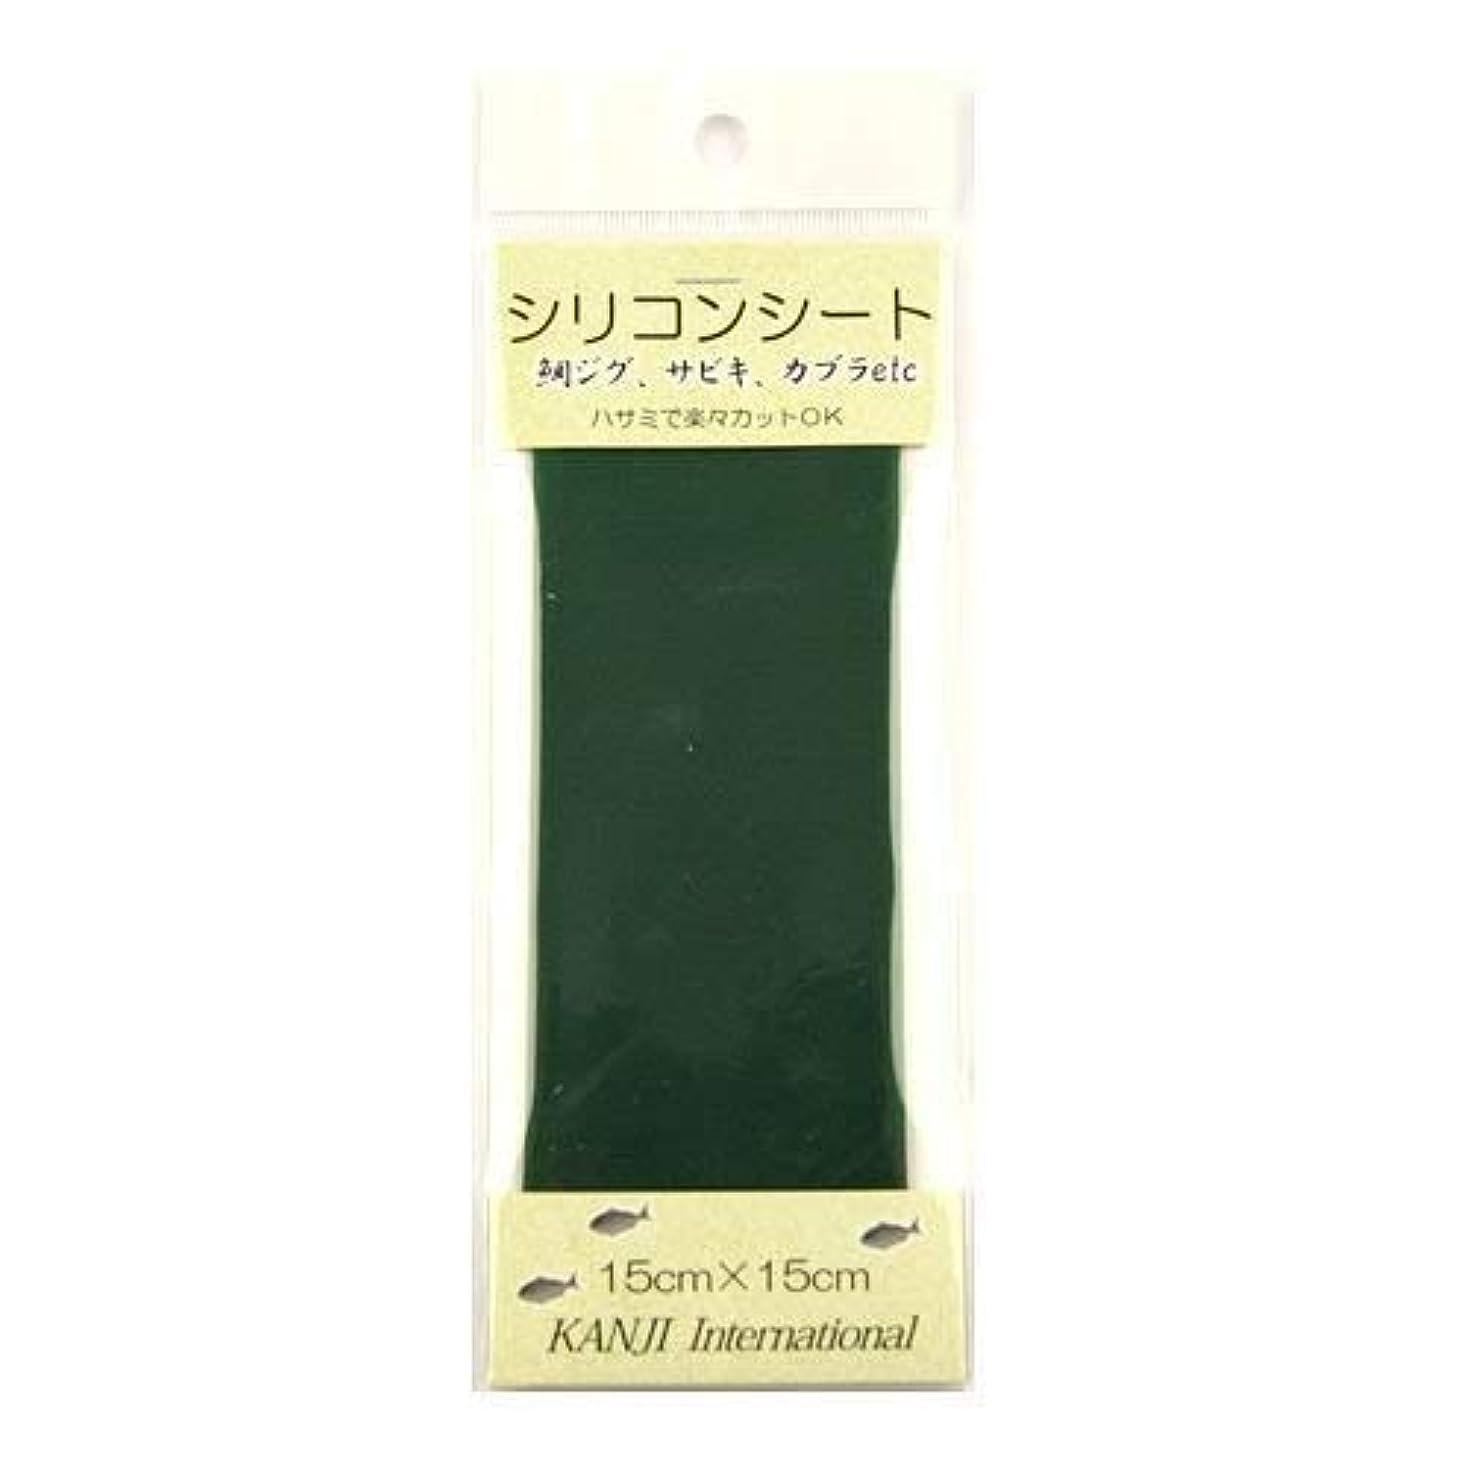 エコー筋肉の知覚的Kanji International(カンジインターナショナル) シリコンシート レギュラーサイズ カブラシルエットグリーン